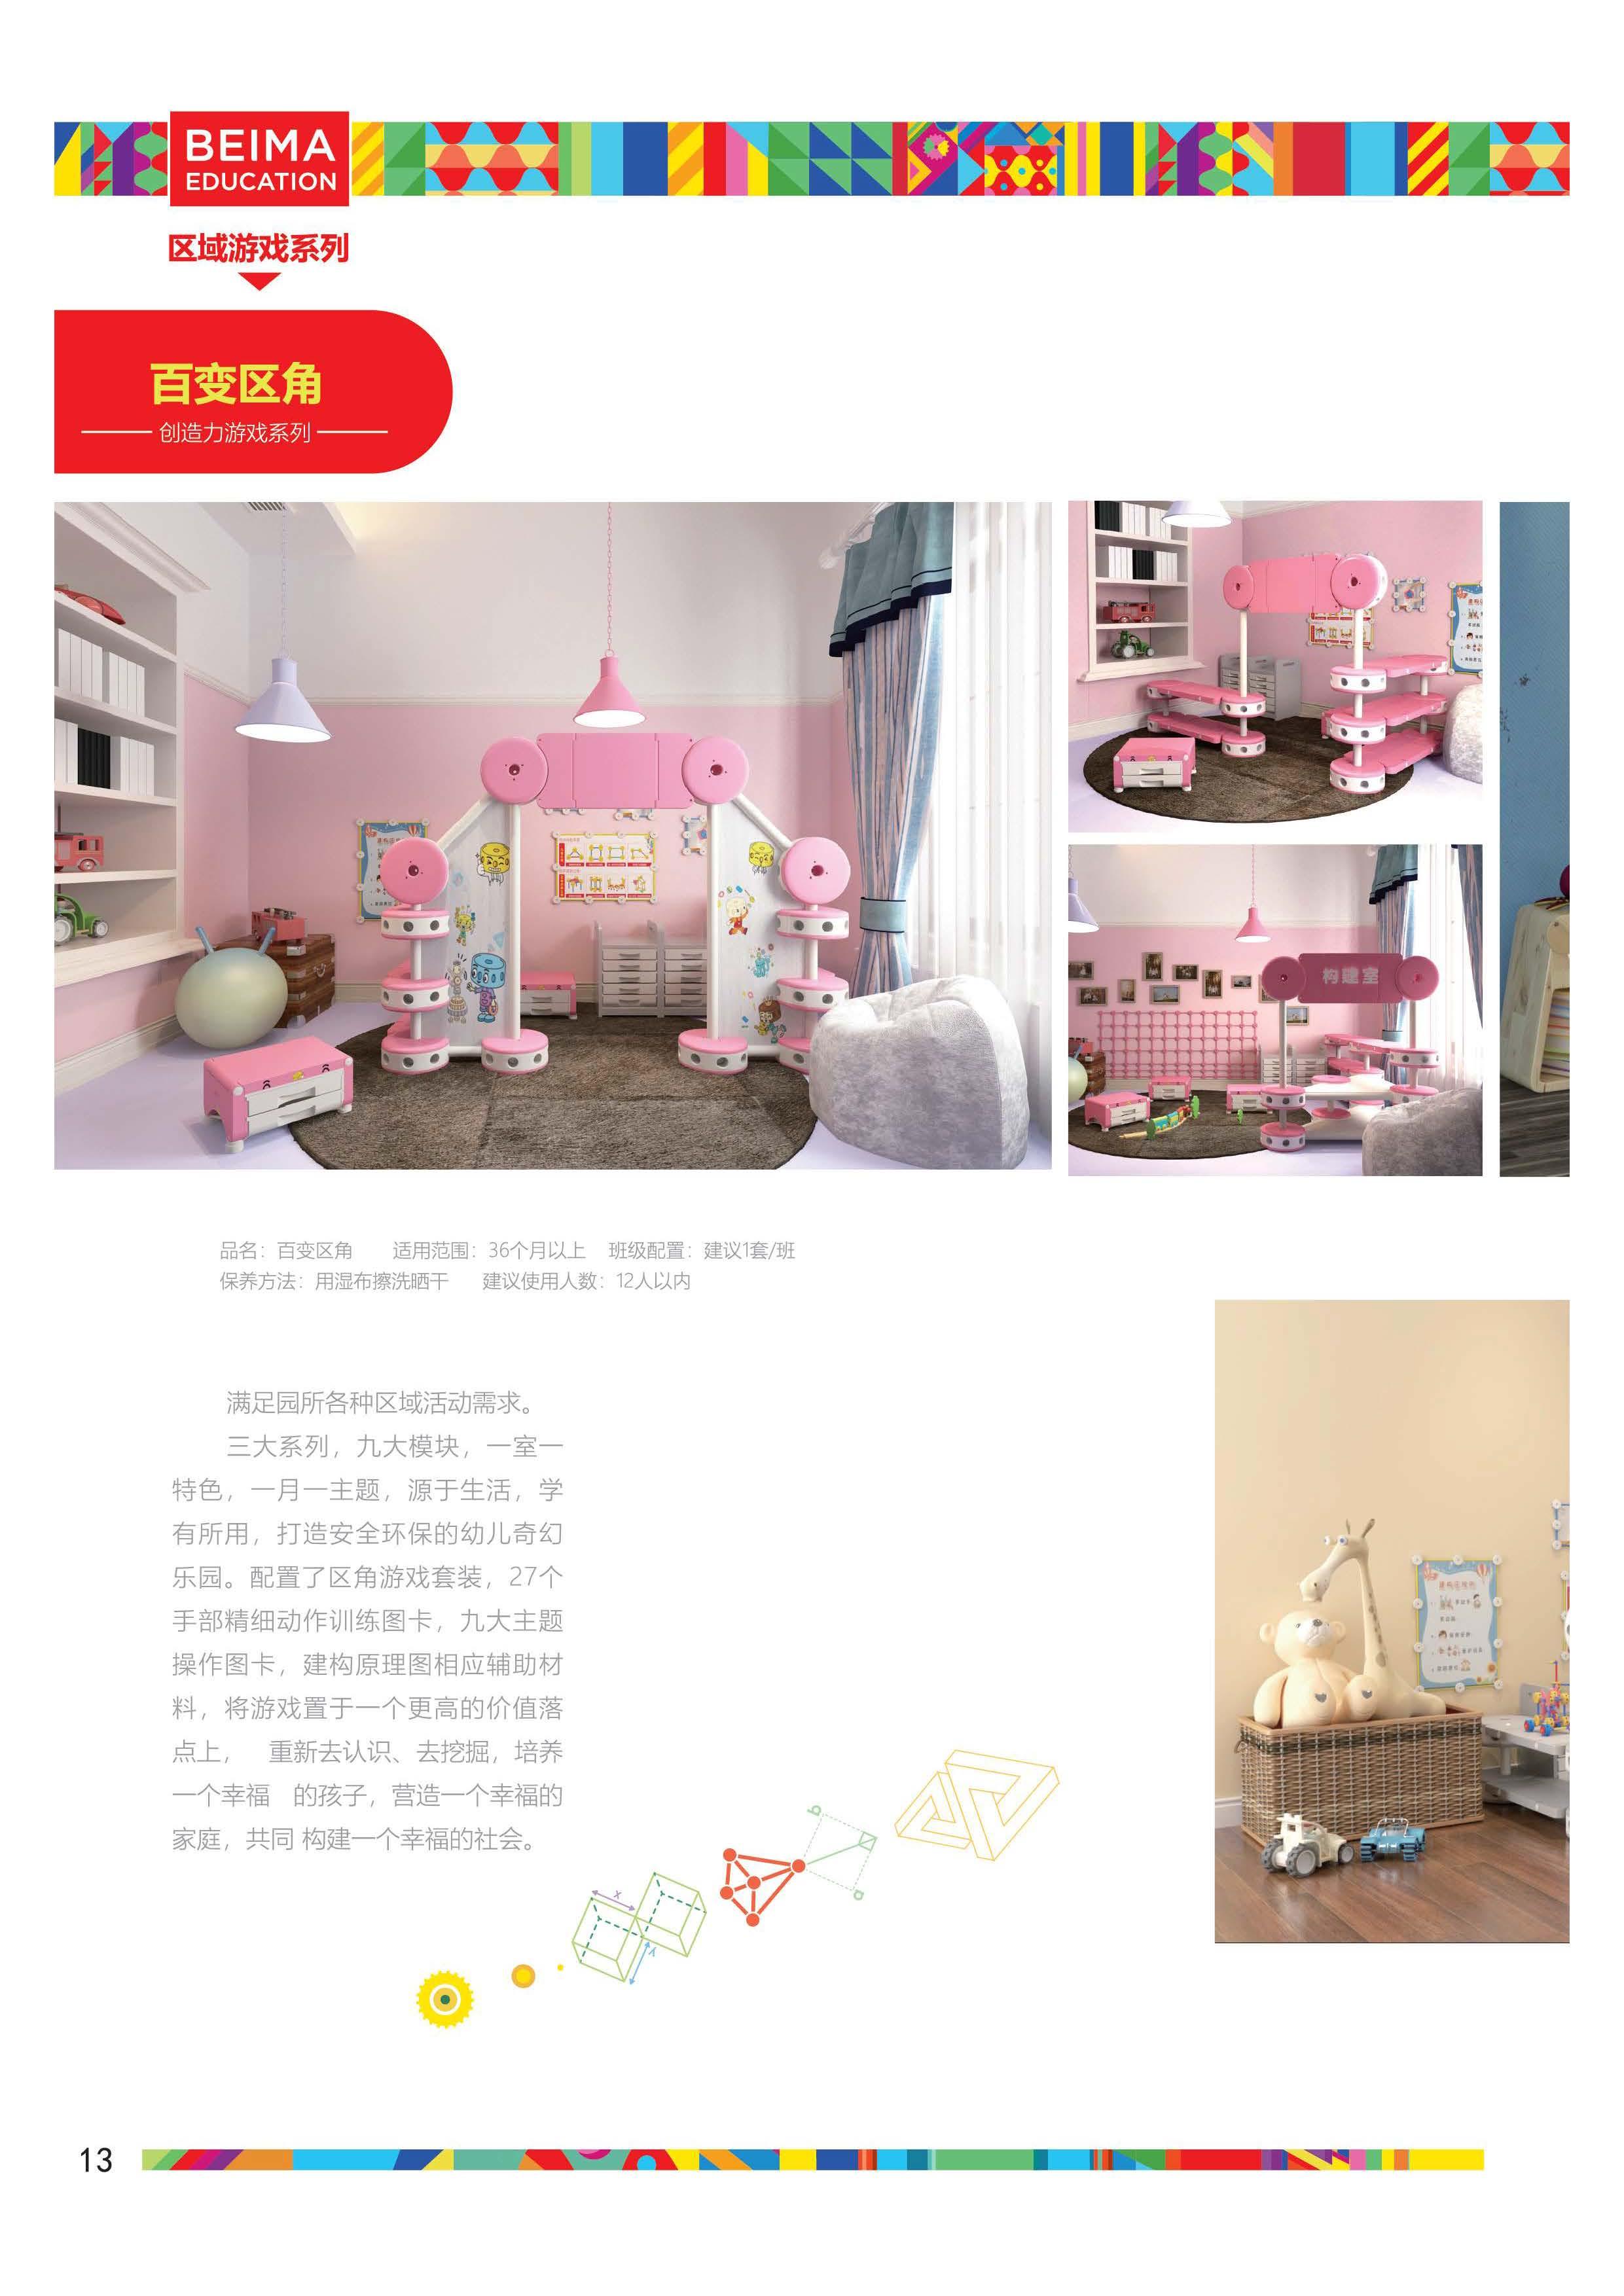 贝玛最新产品手册_页面_14.jpg